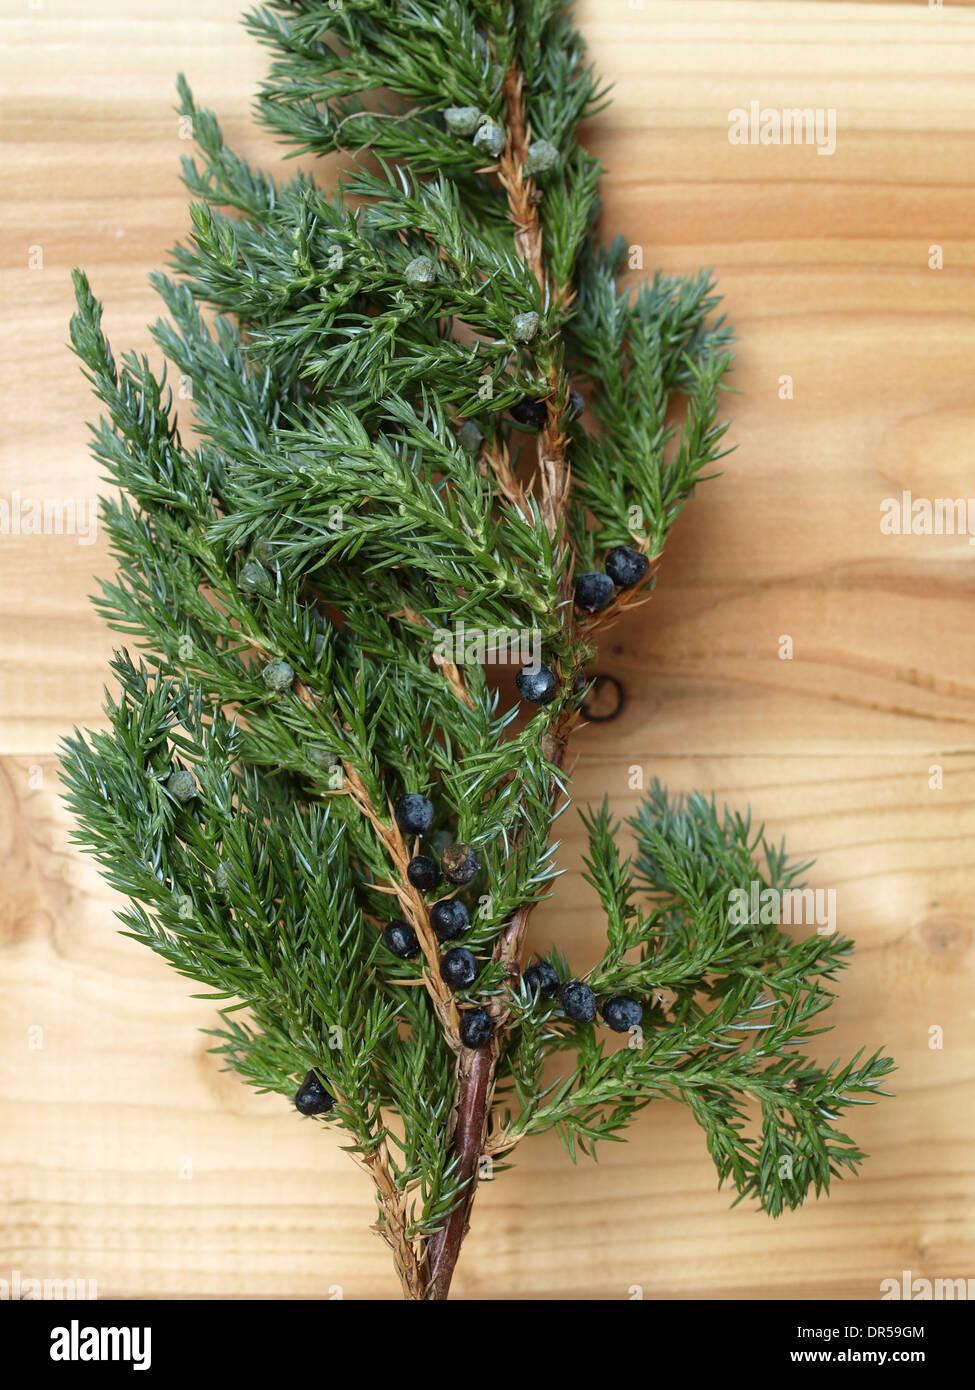 Juniper branch on a board / Juniperus / Wacholderzweig auf Brett - Stock Image